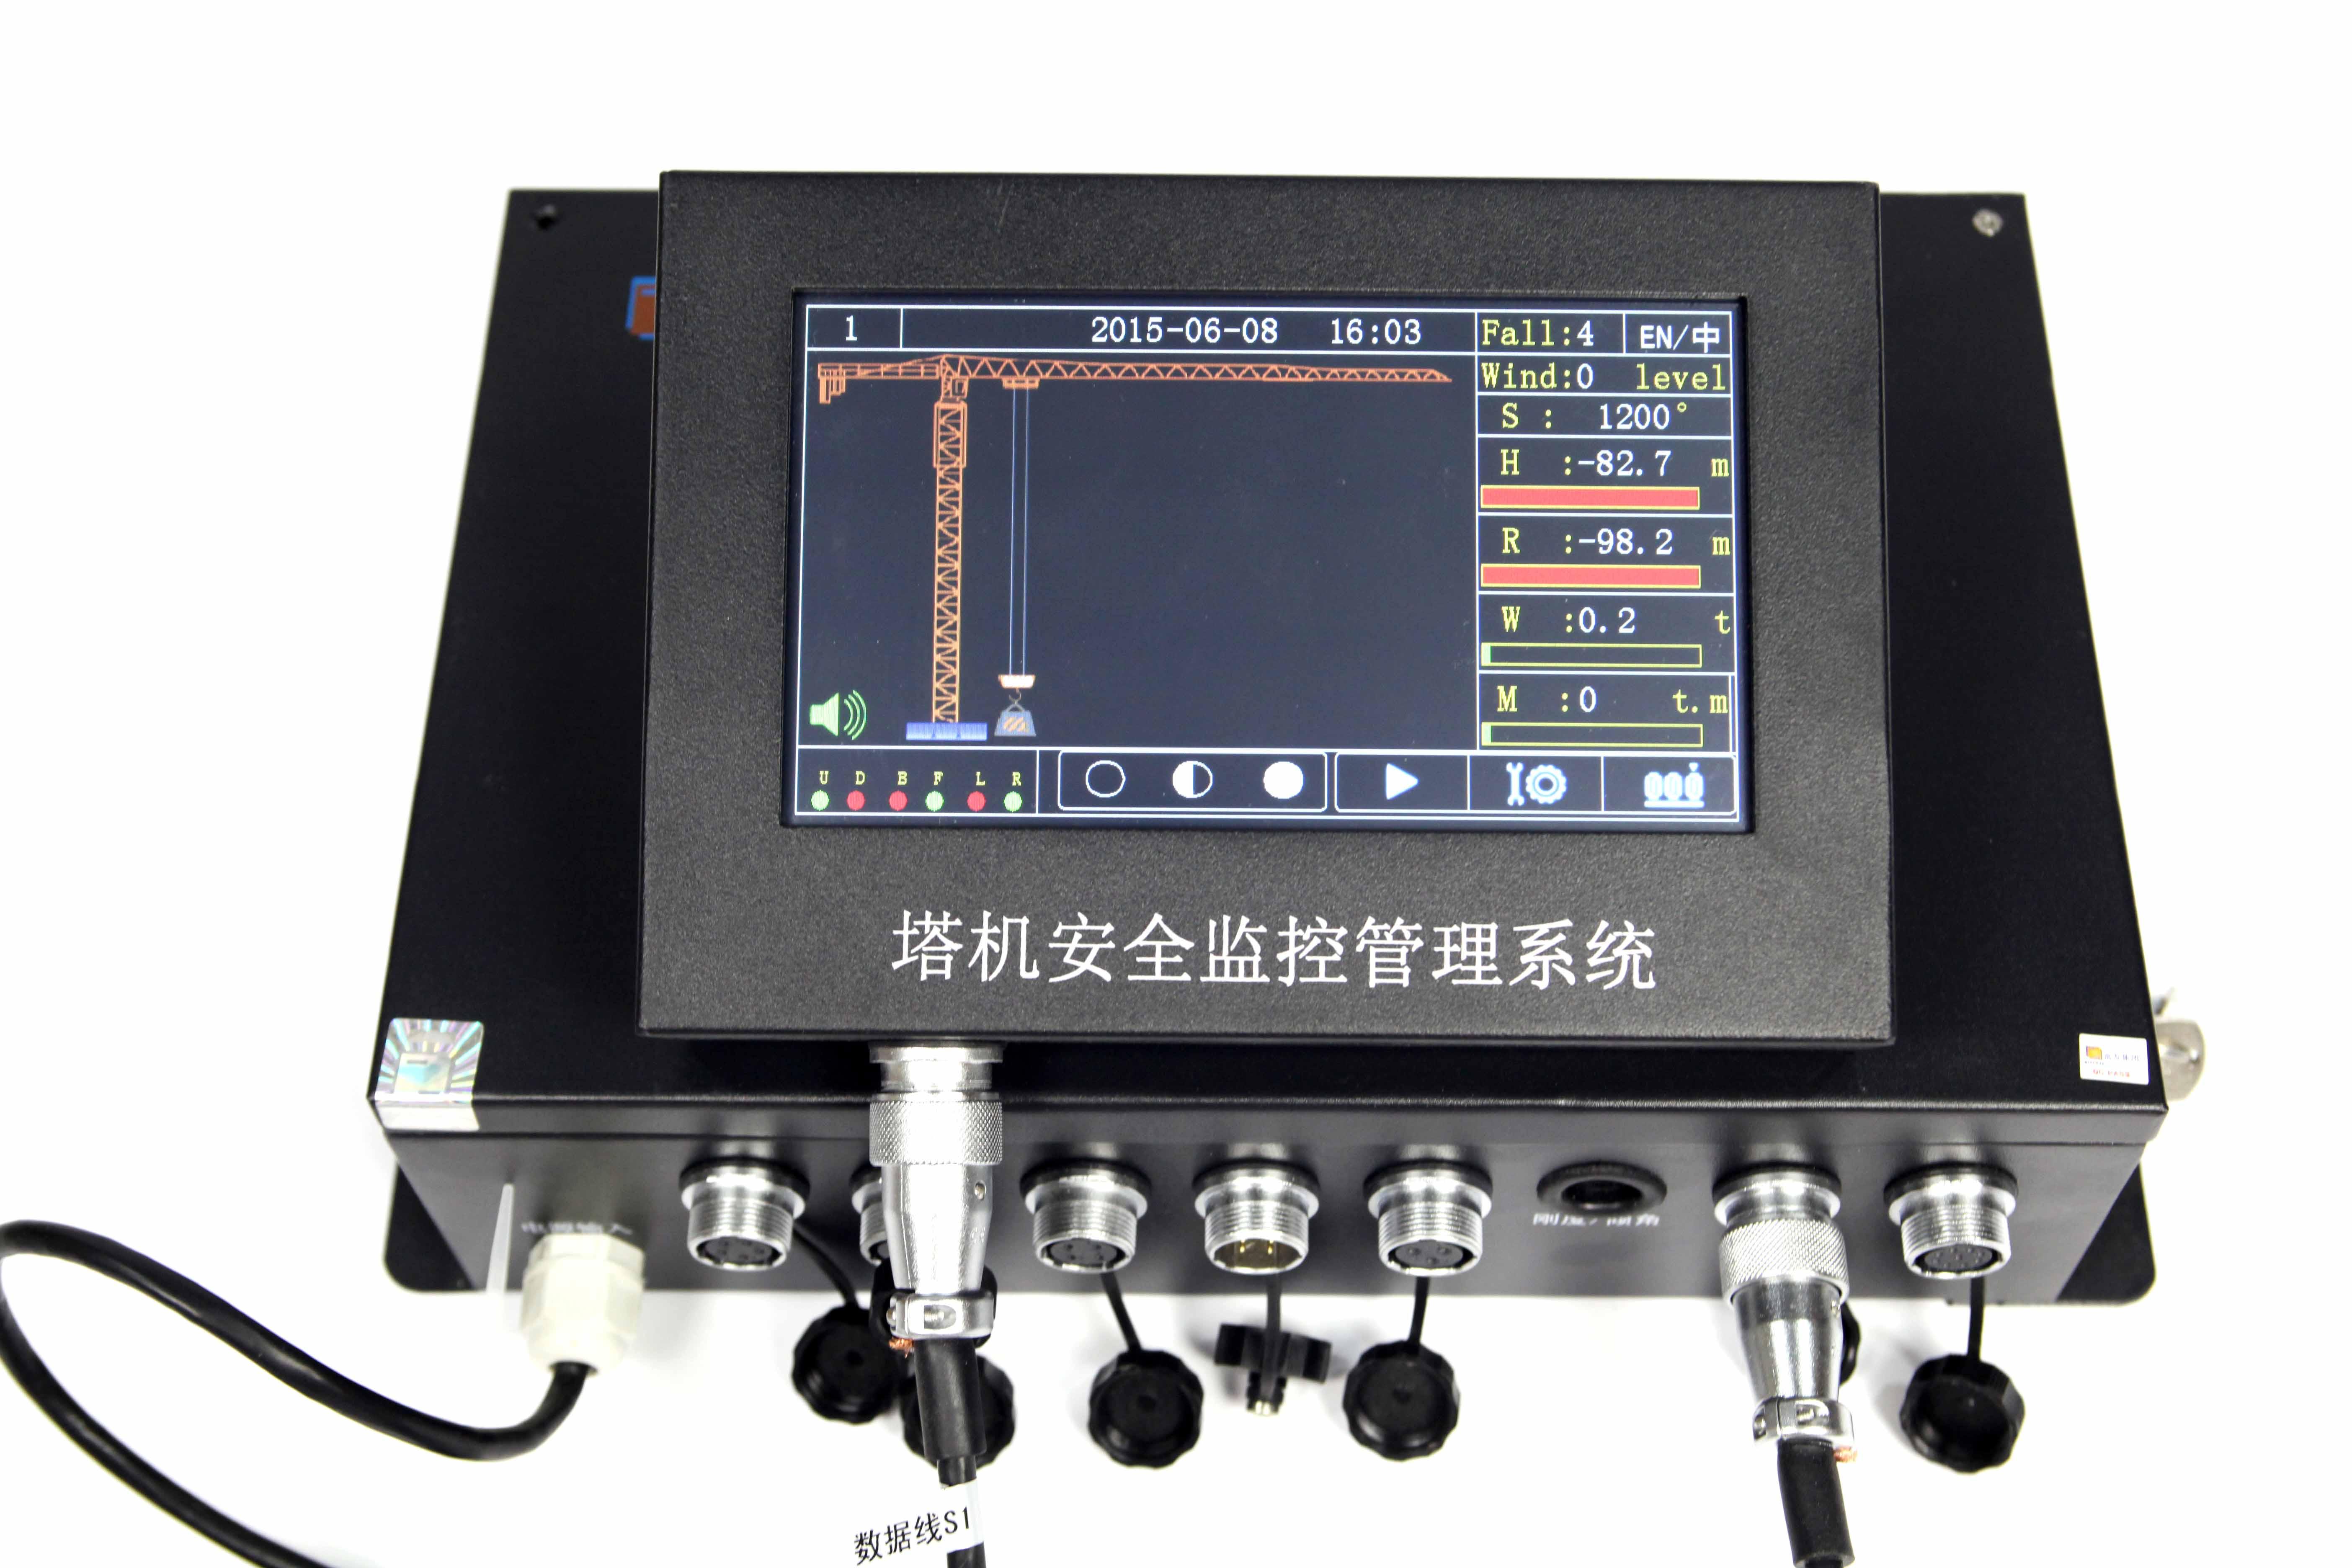 英文版塔机安全监控管理系统